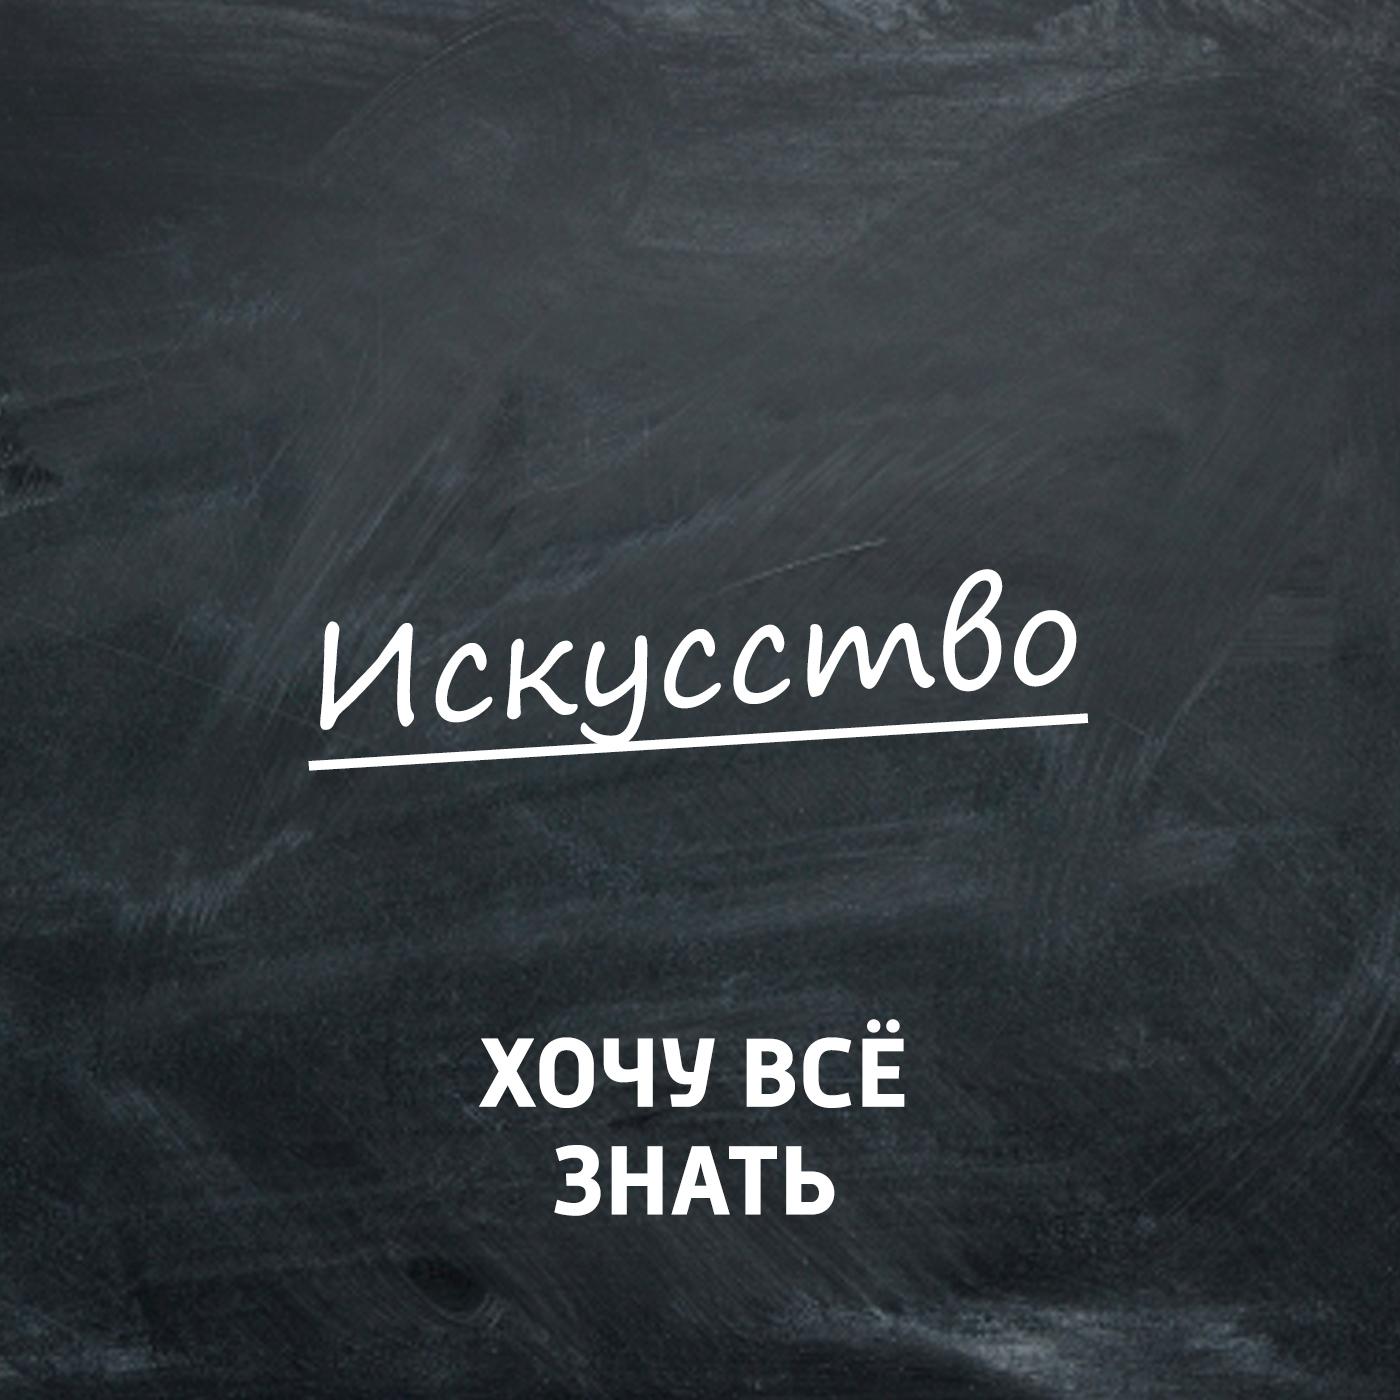 Творческий коллектив программы «Хочу всё знать» Почему это шедевр? Василий Суриков. Часть 1 творческий коллектив программы хочу всё знать почему это шедевр микеланджело буонарроти